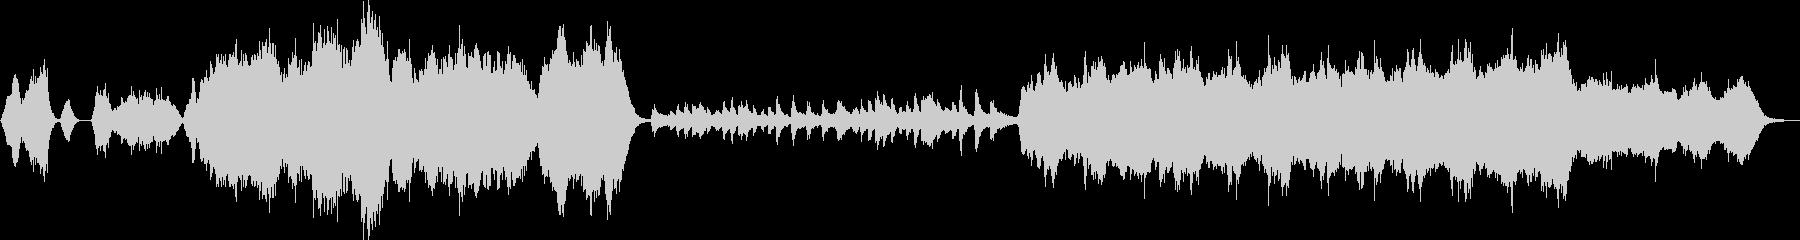 オーケストラ バラード 管 ピアノ 盛大の未再生の波形